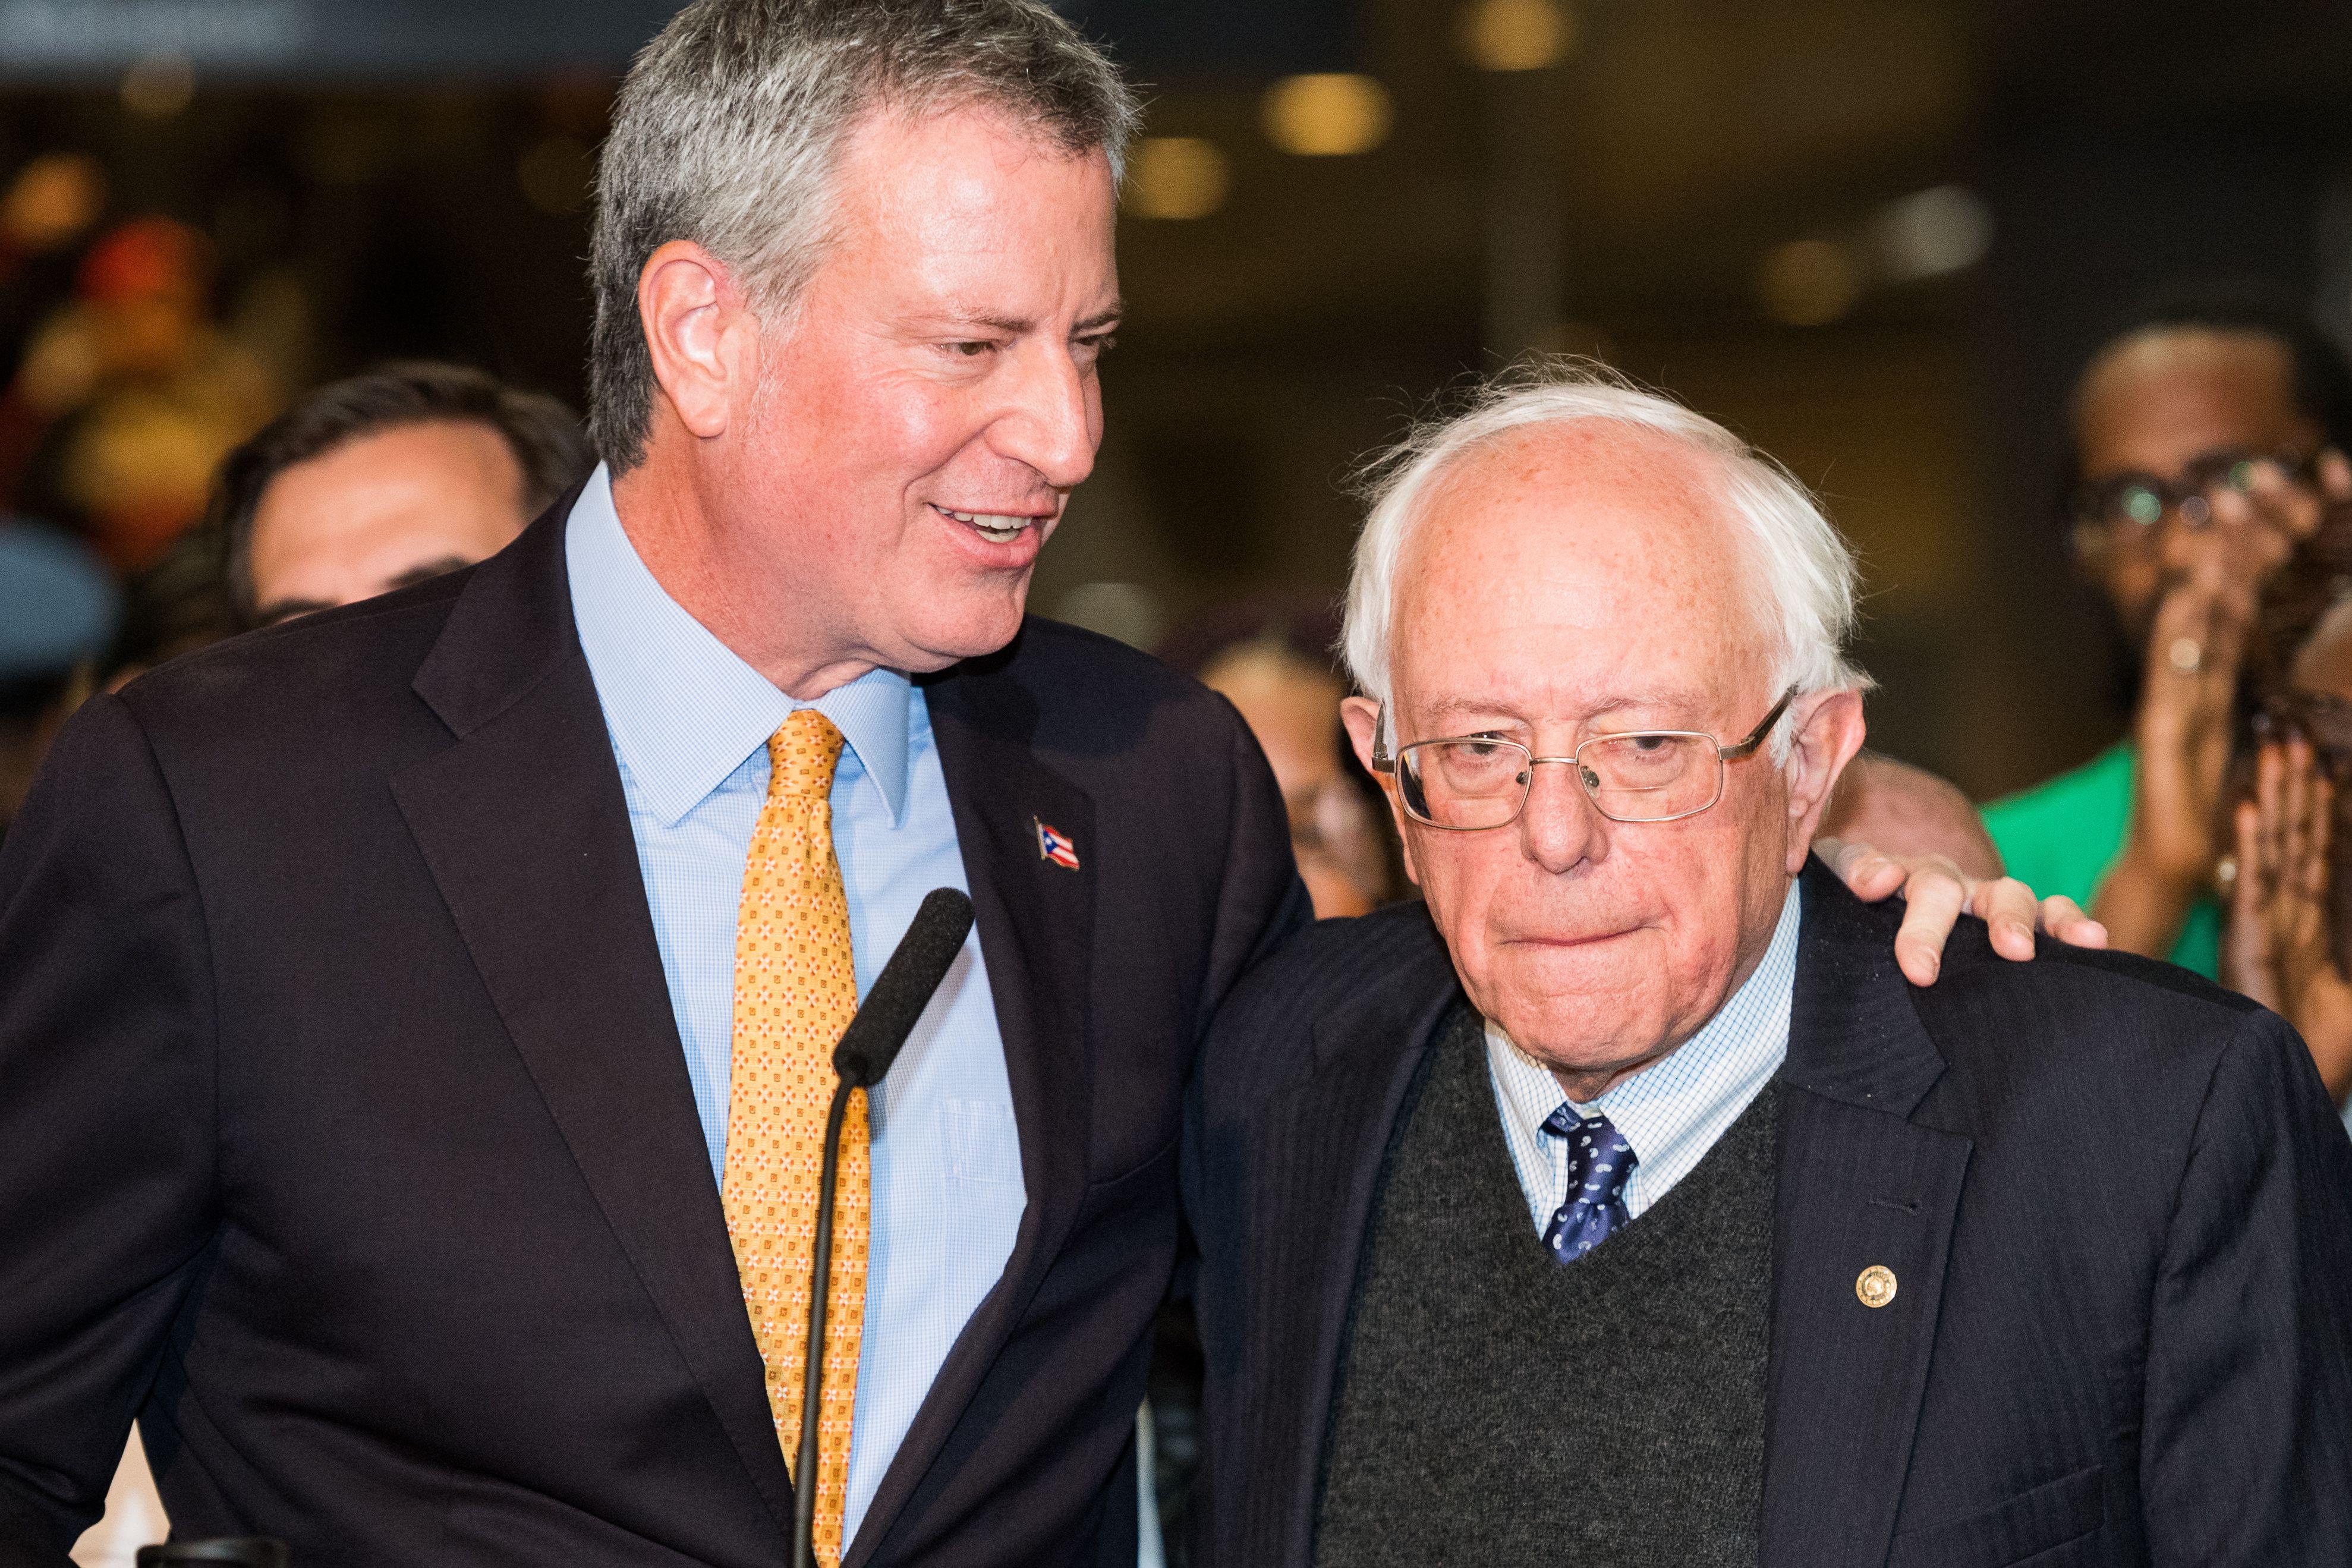 NYC Mayor Bill de Blasio endorses Sanders - Axios